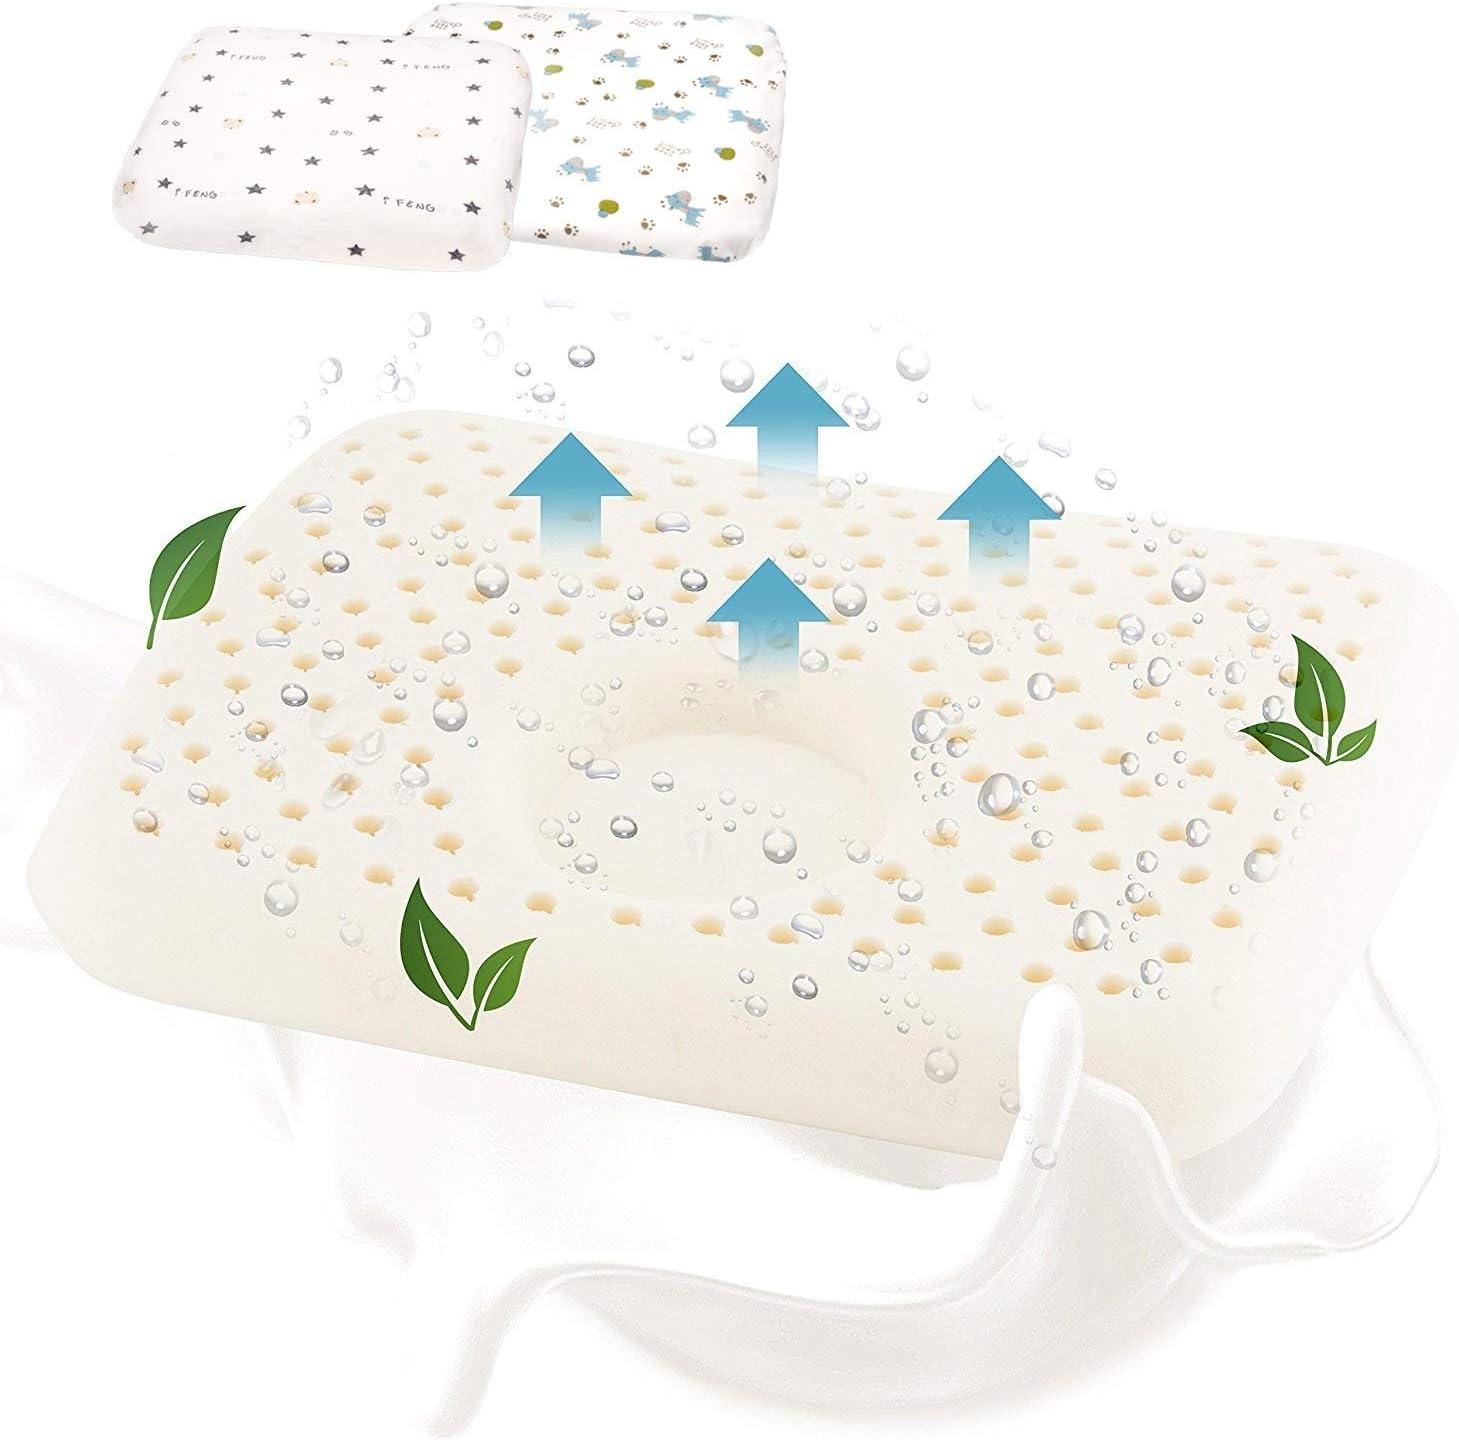 Jupistar–Almohada para bebés para evitar el aplanamiento de la cabeza, suave y blando, transpirable, sin productos químicos, almohada ortopédica para bebés y niños de 0-36meses